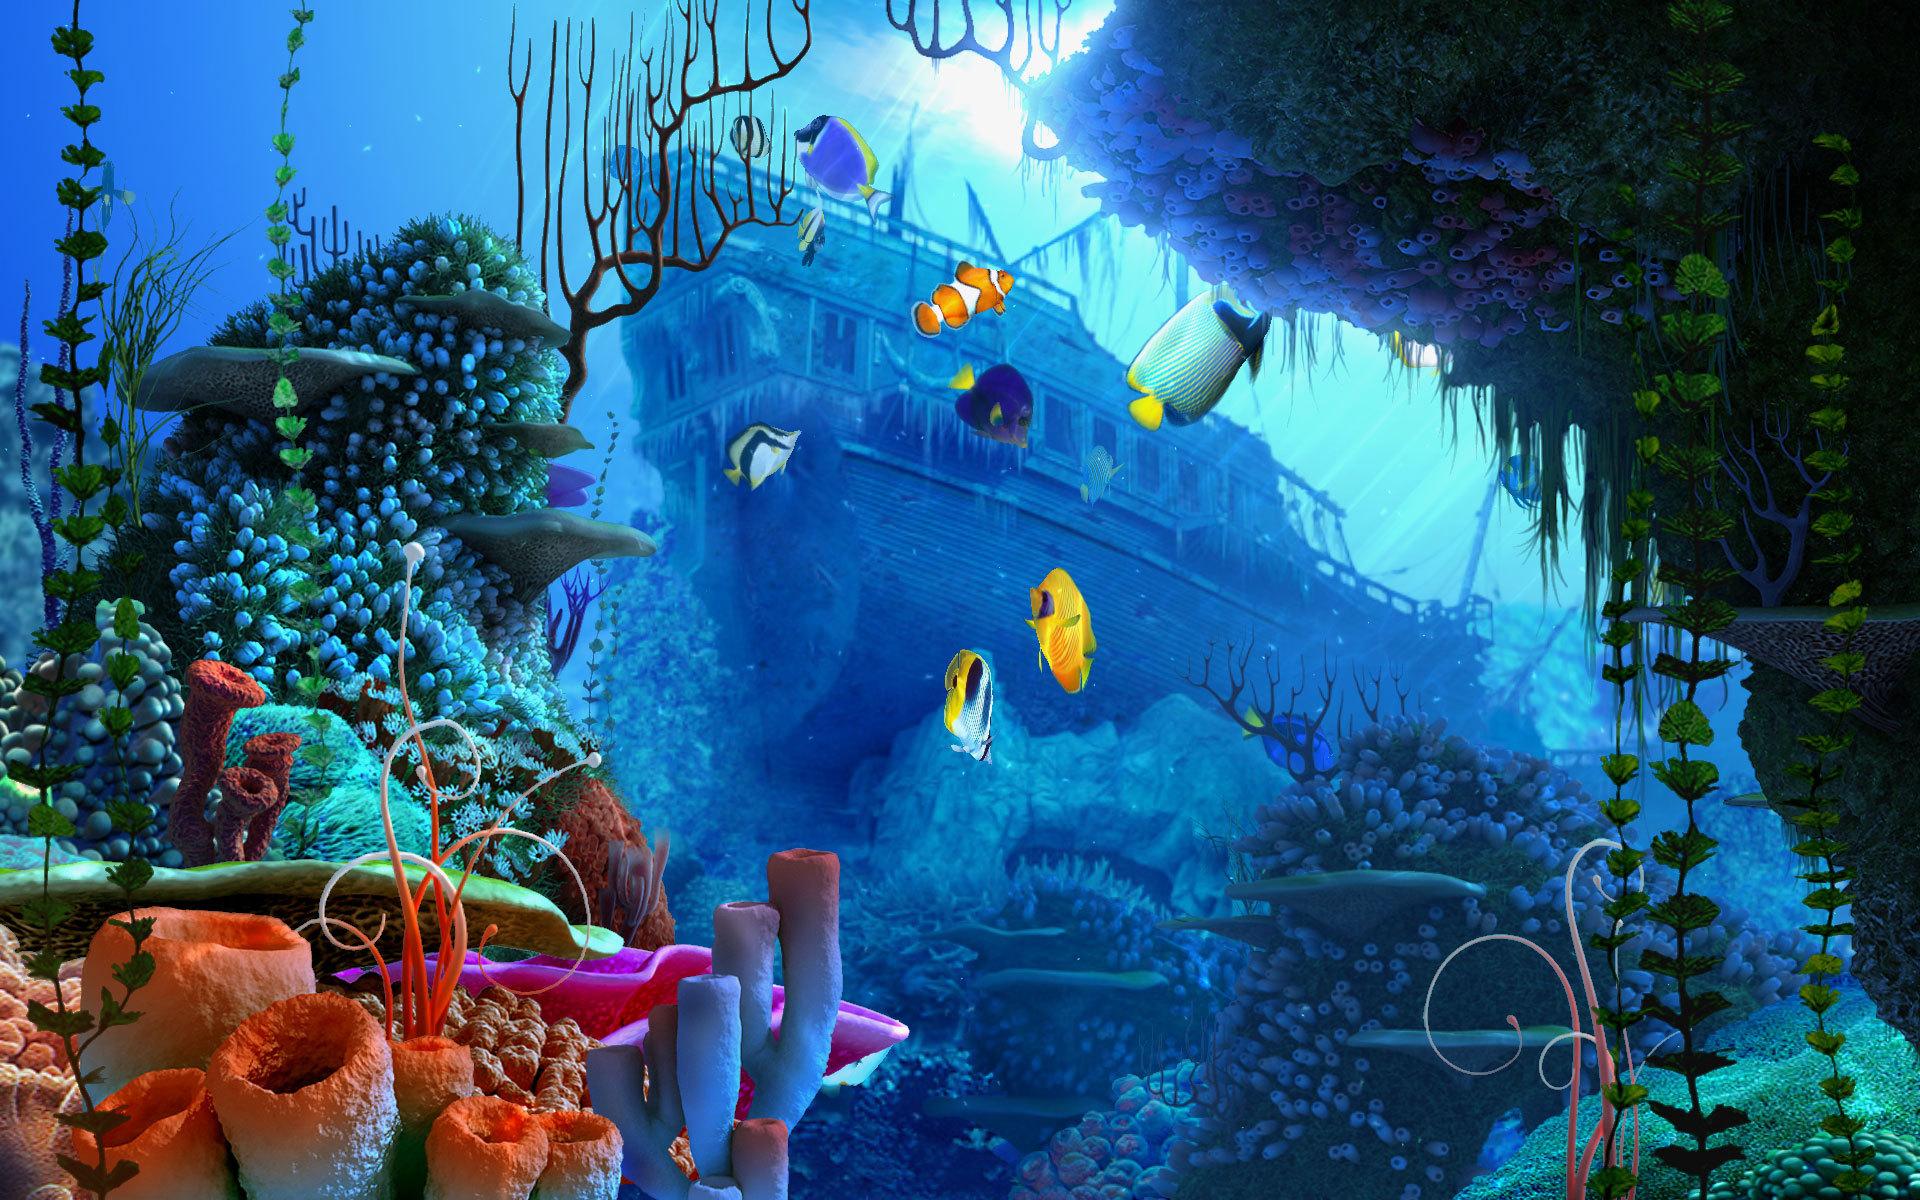 Fantasy Natural Pixel Blue Large Ocean Wallpaper Full HD Wallpapers 1920x1200